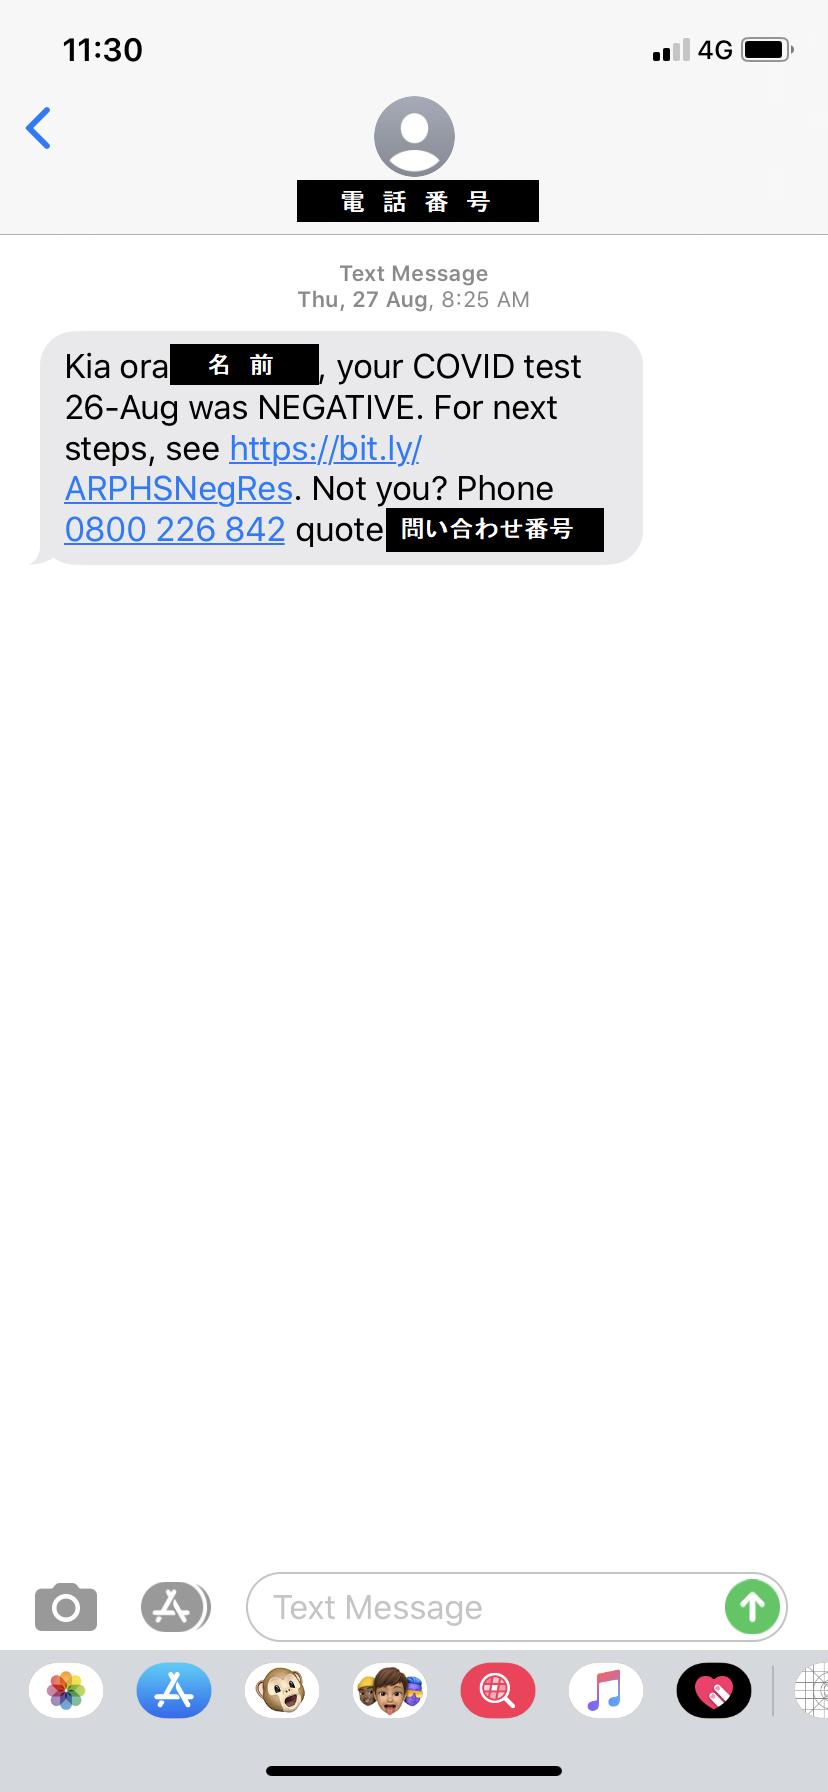 65AF5842-745E-4DC6-9D96-19906C6858A6